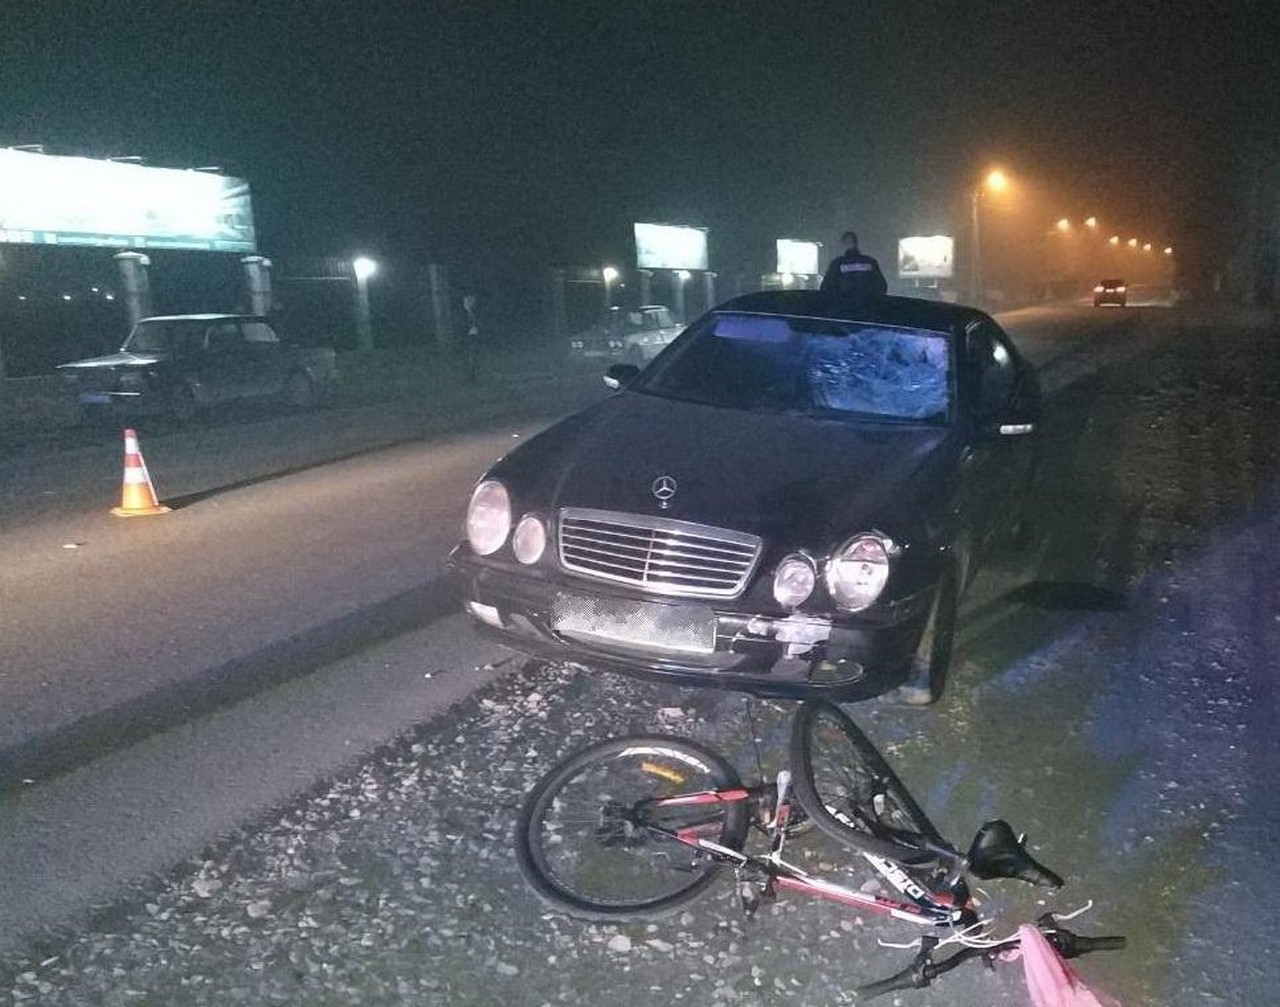 П'яний водій ввечері скоїв у Виноградові аварію: загинула 31-річна мешканка села Буковець